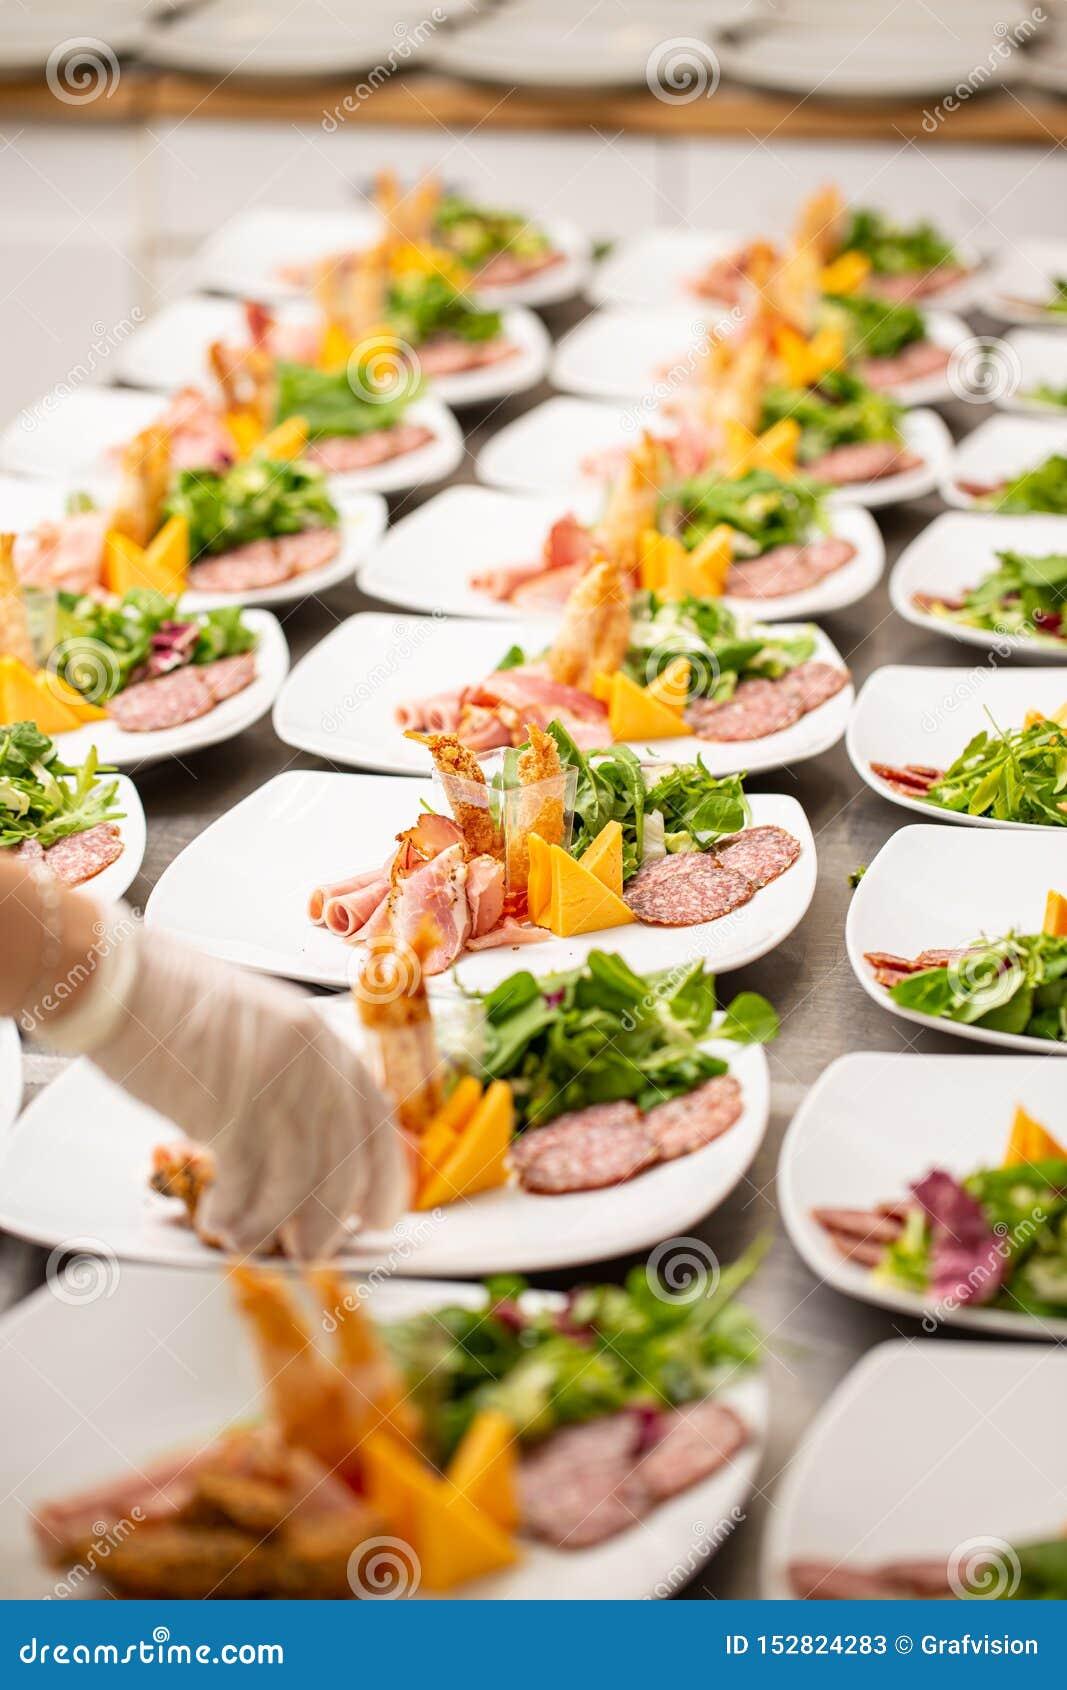 Delicious appetizer plates